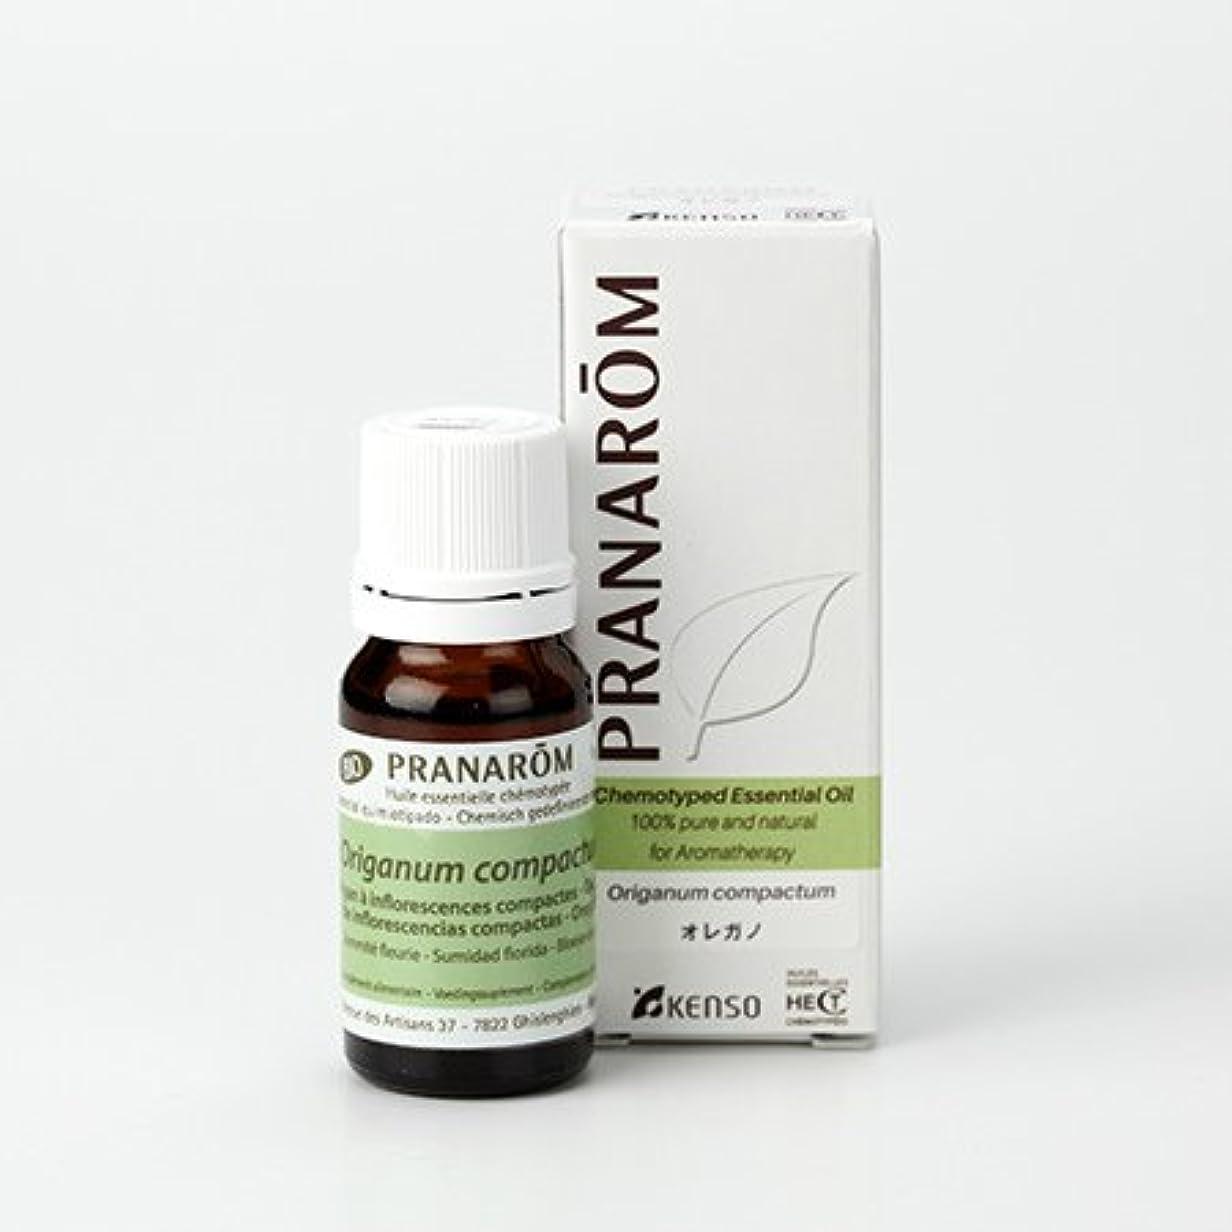 絶対の許可備品プラナロム オレガノ 10ml (PRANAROM ケモタイプ精油)